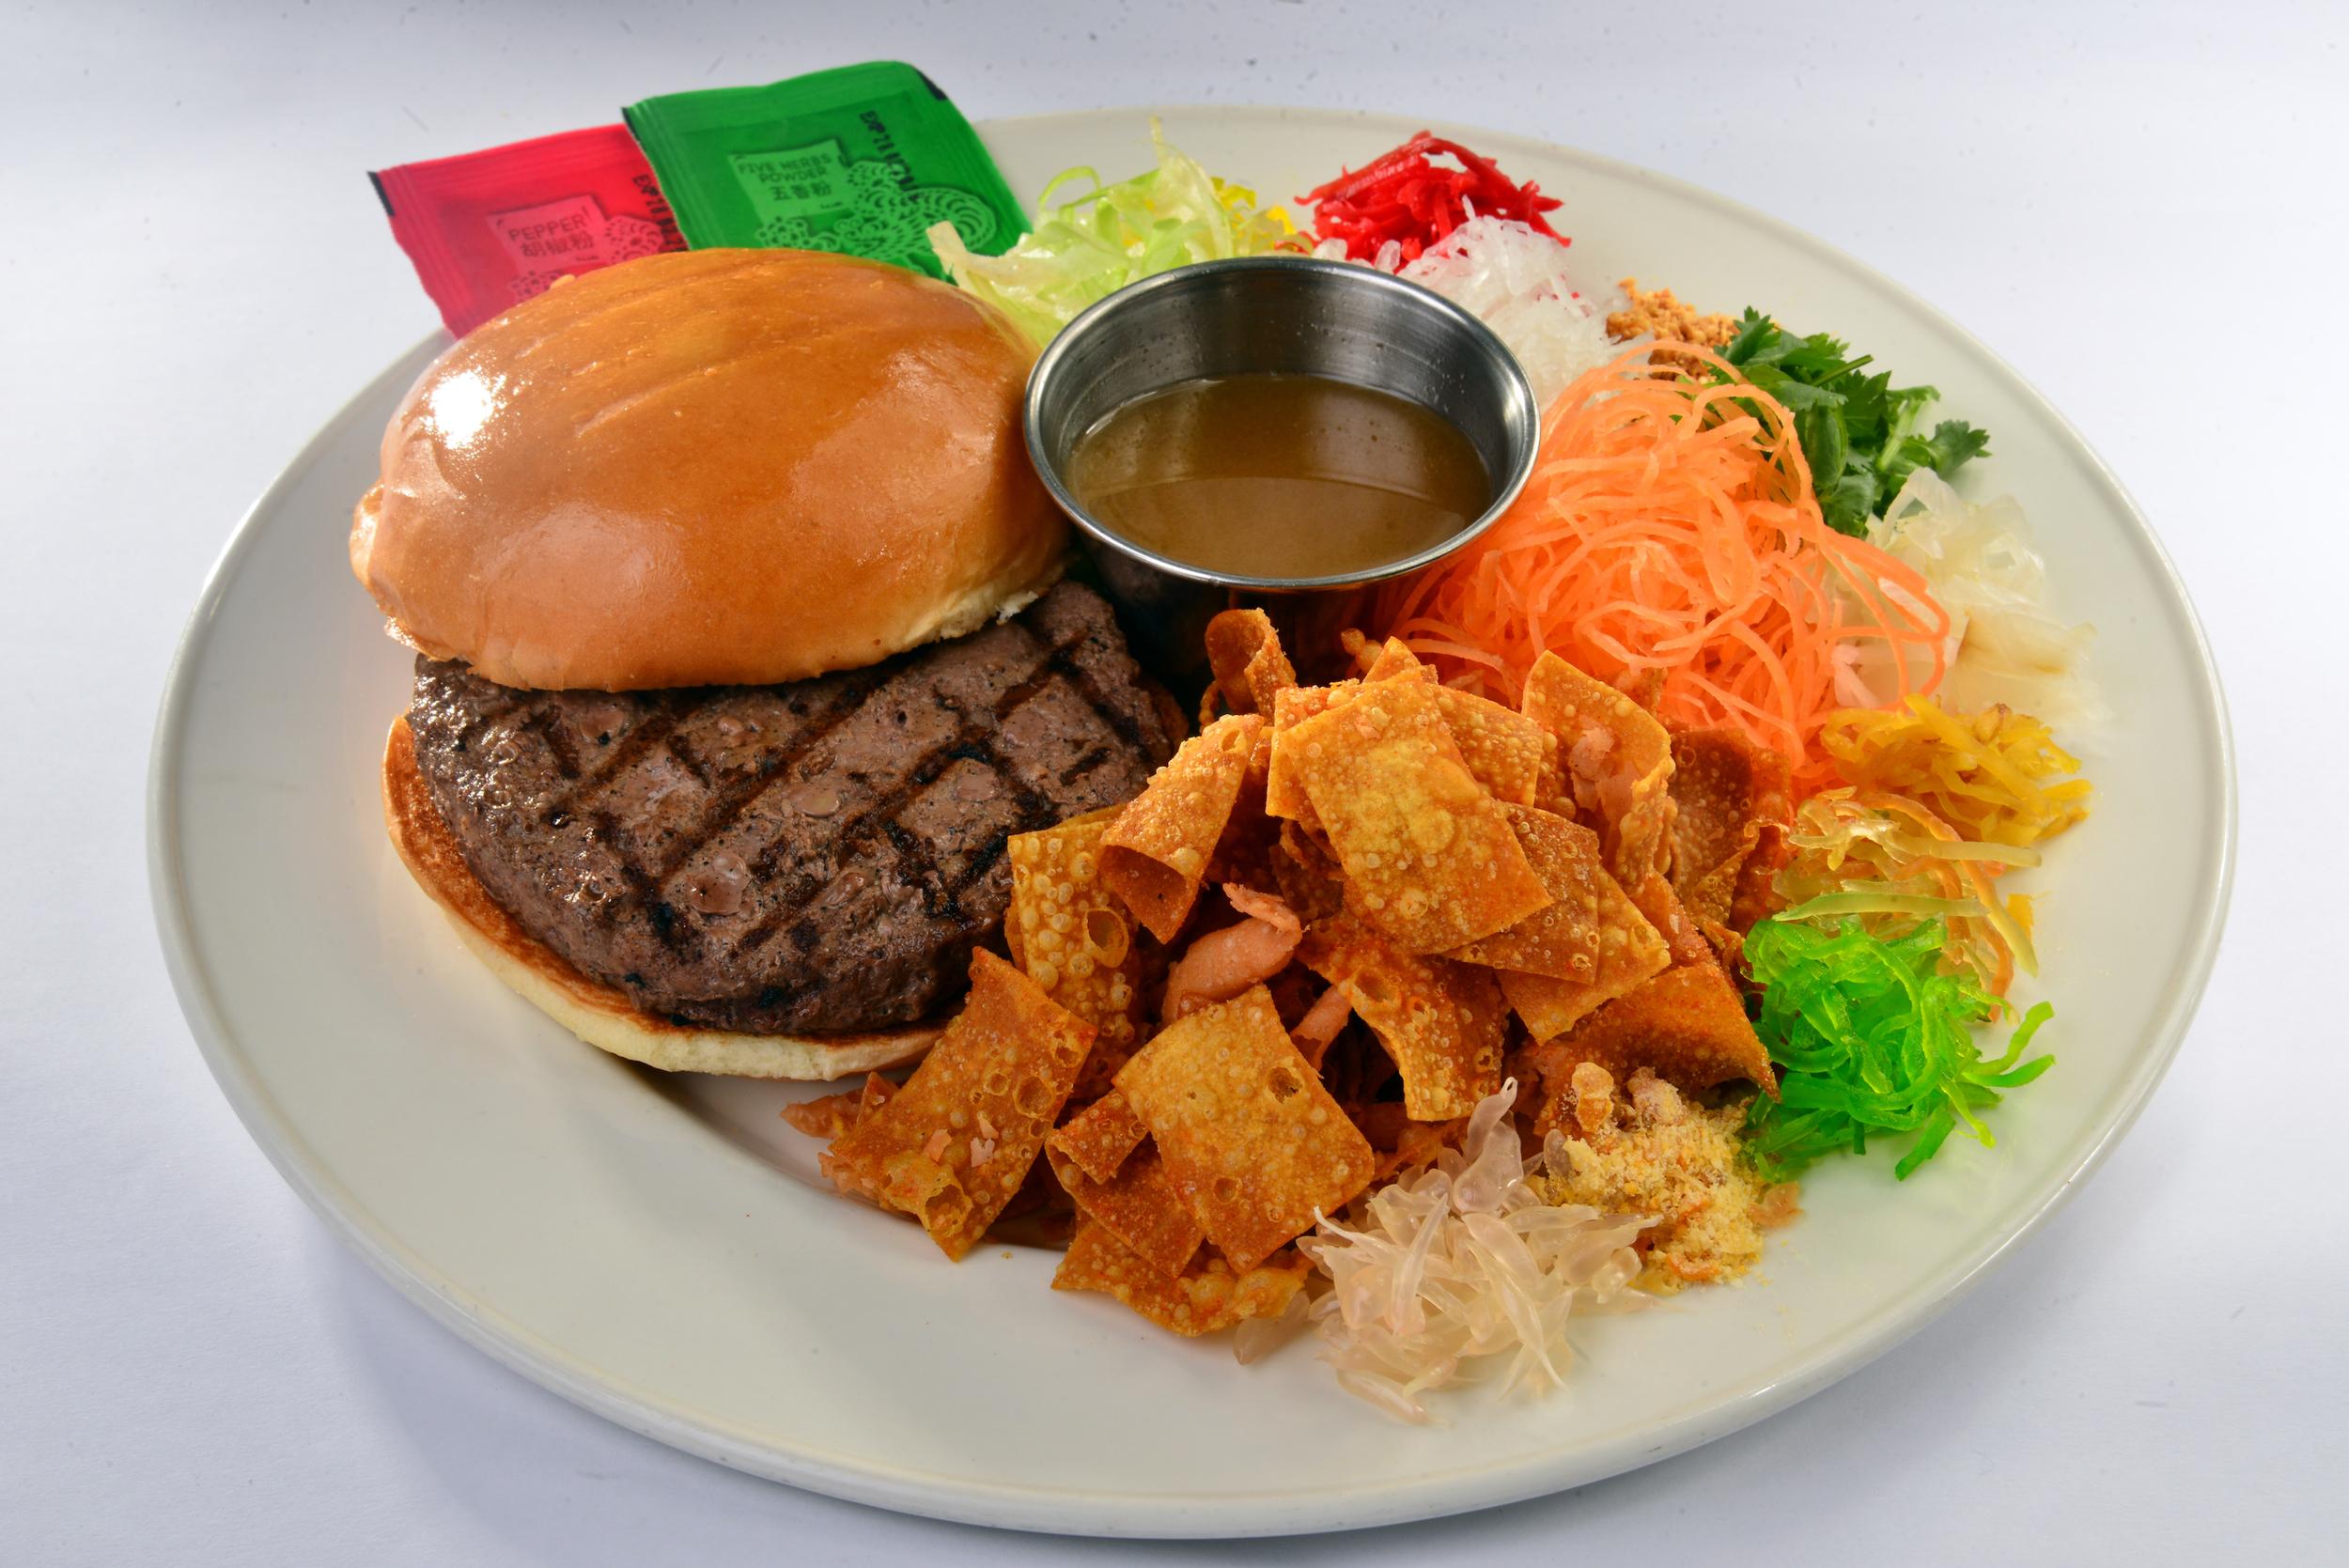 Huat Rock Burger   Photo Credit: Hard Rock Cafe Singapore